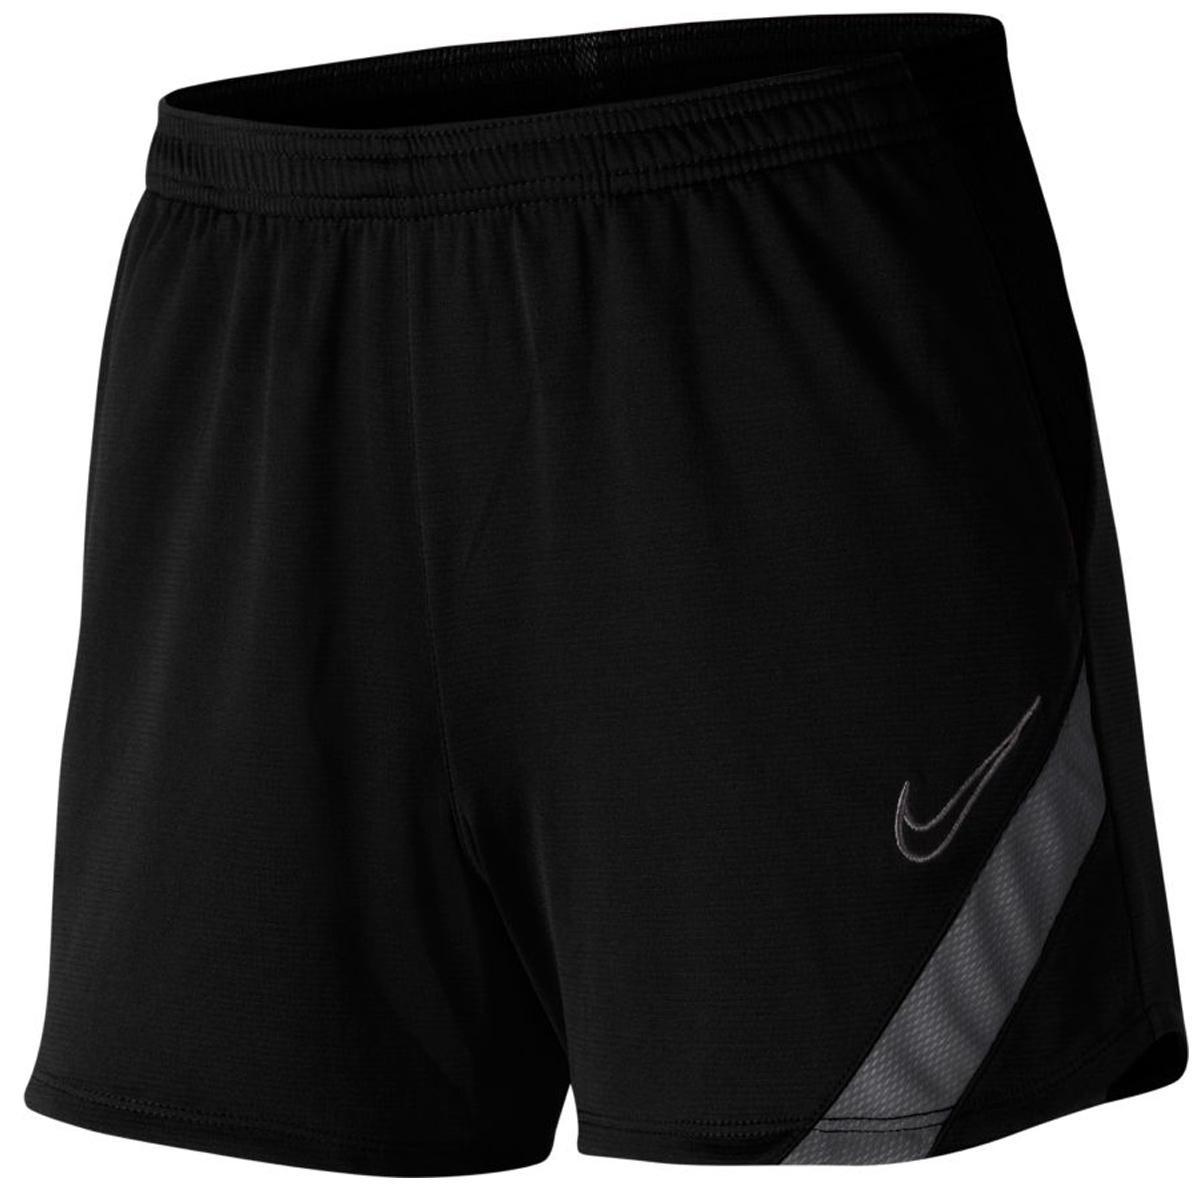 Imagem - Shorts Nike Dry Academia Feminino